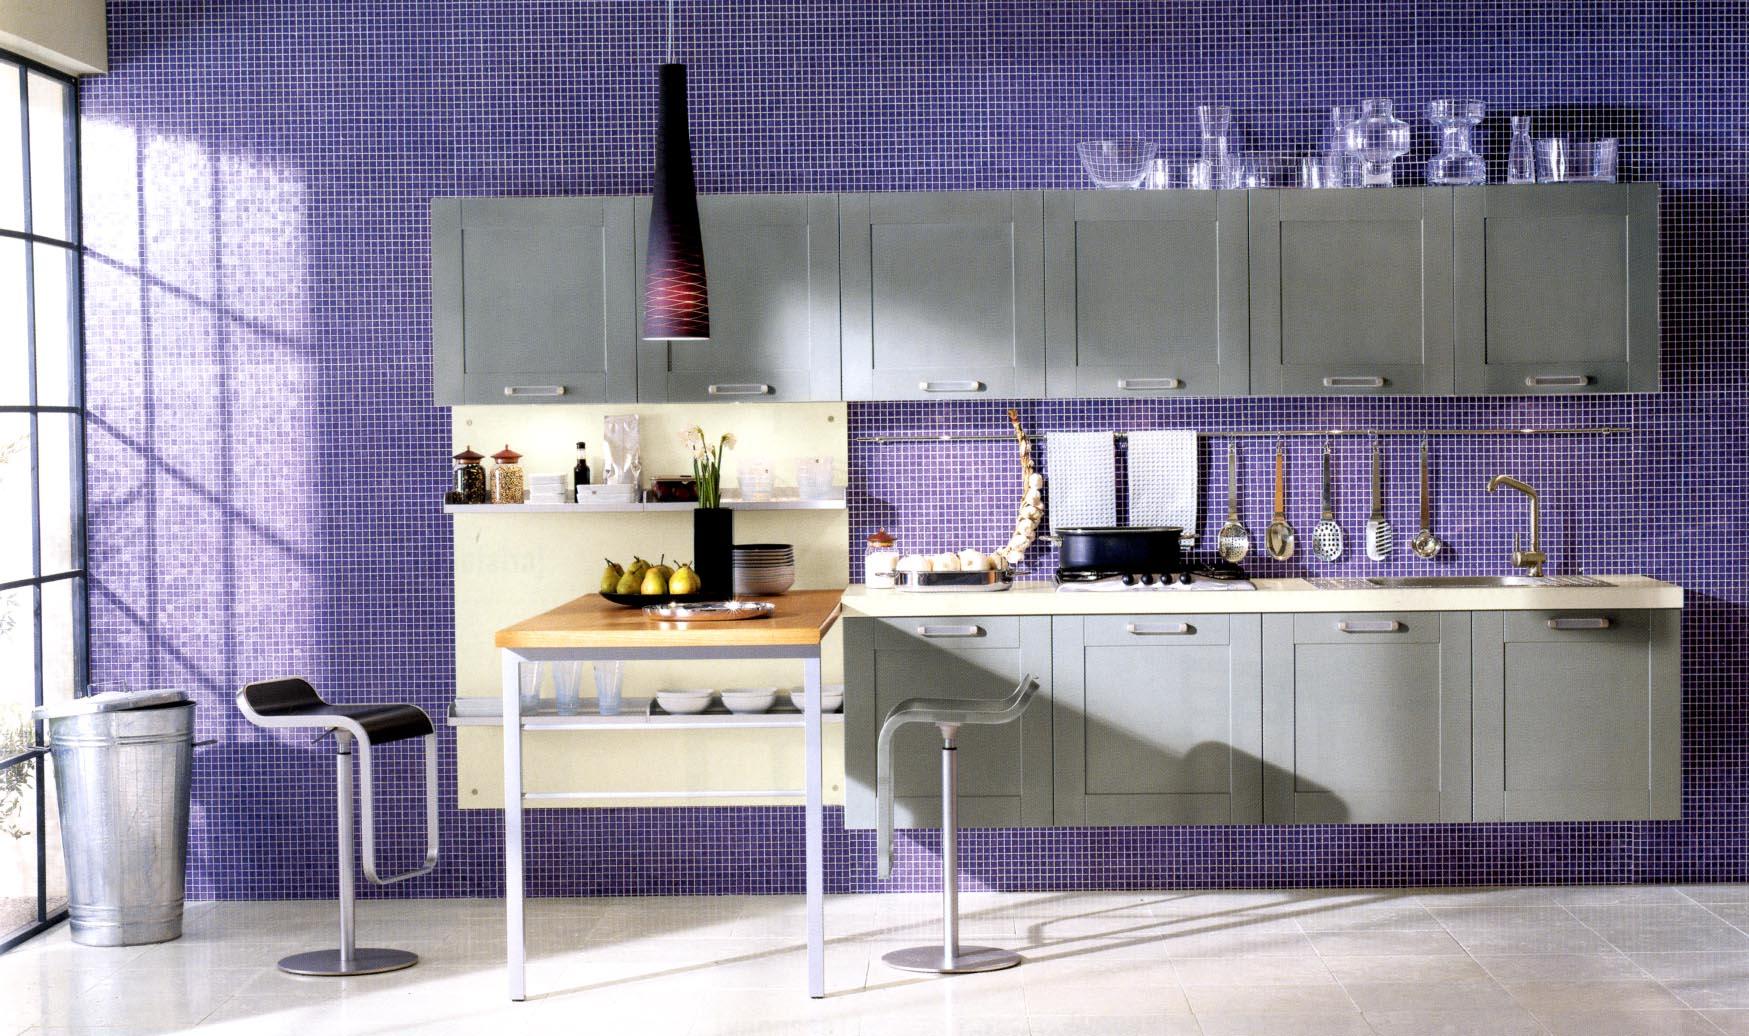 La Cucina Proposta In Figura è Decisamente Bella: Stile E Design  #826C49 1749 1036 Classifica Delle Migliori Cucine Componibili